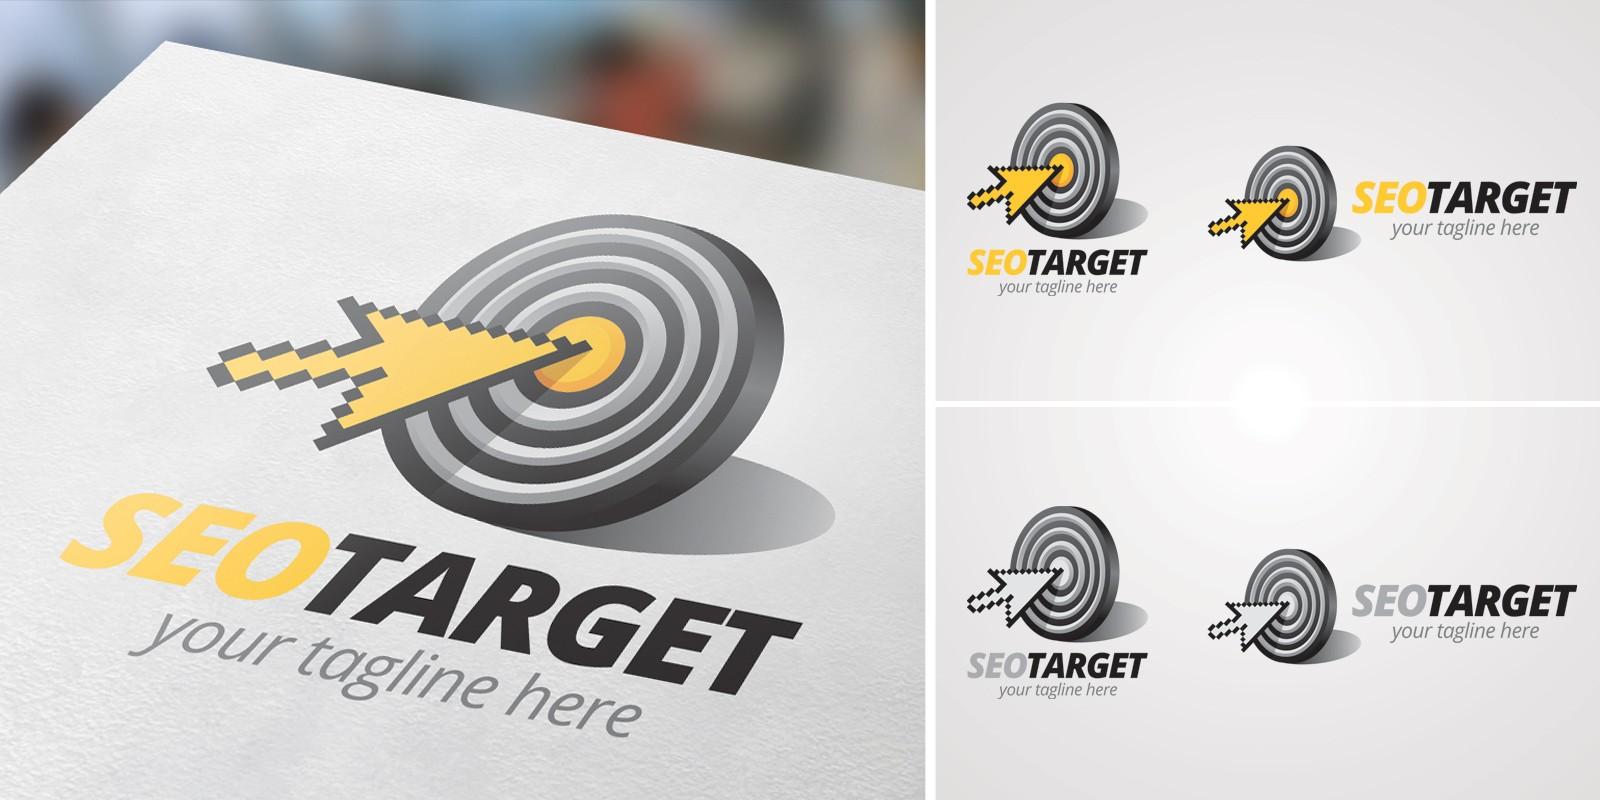 Sen Target Logo